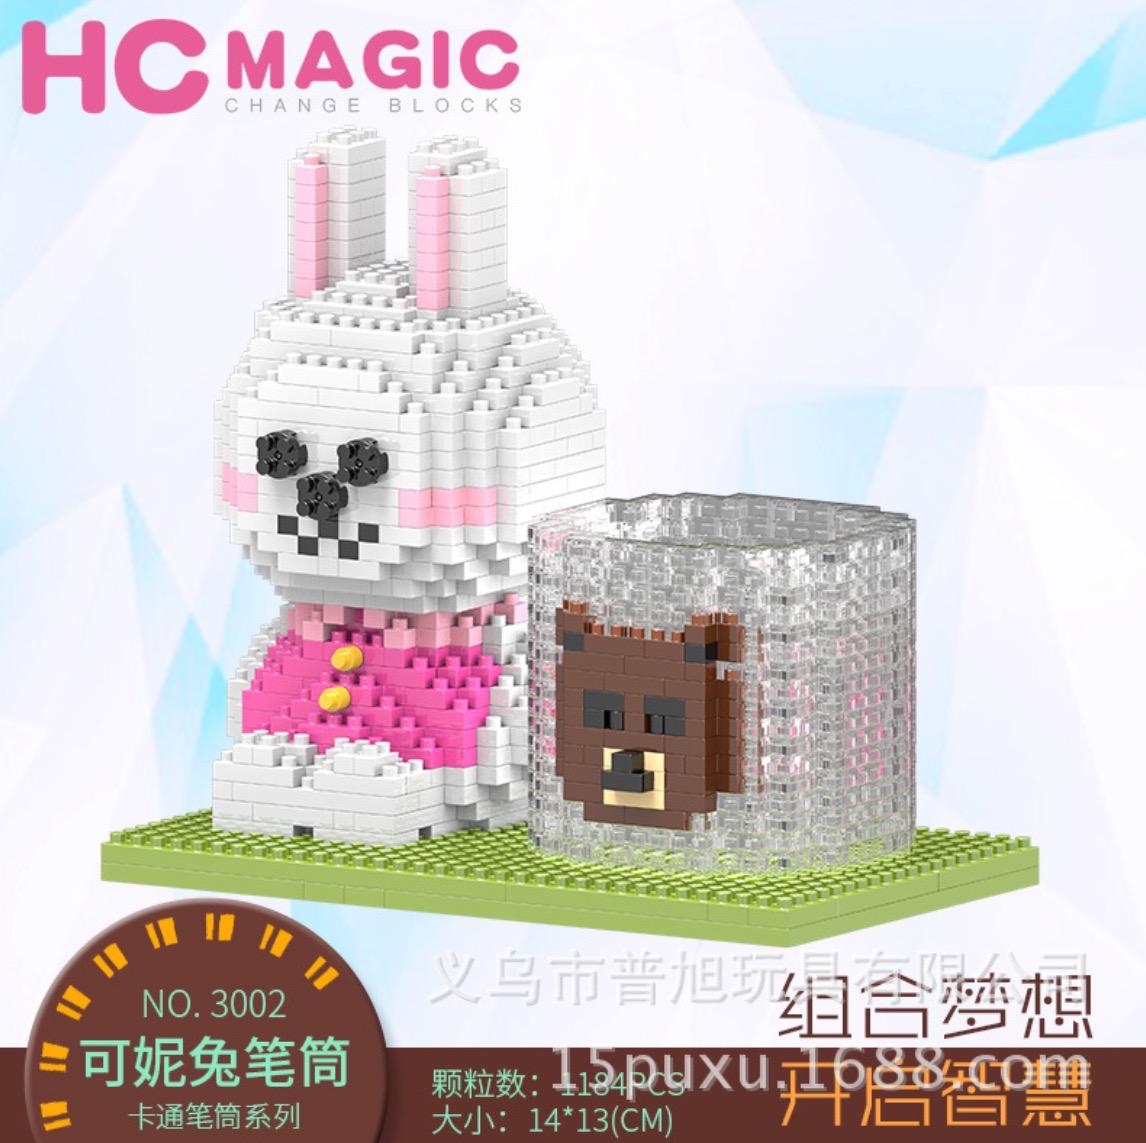 นาโนบล็อค LINE Cony / HC Magic 3002